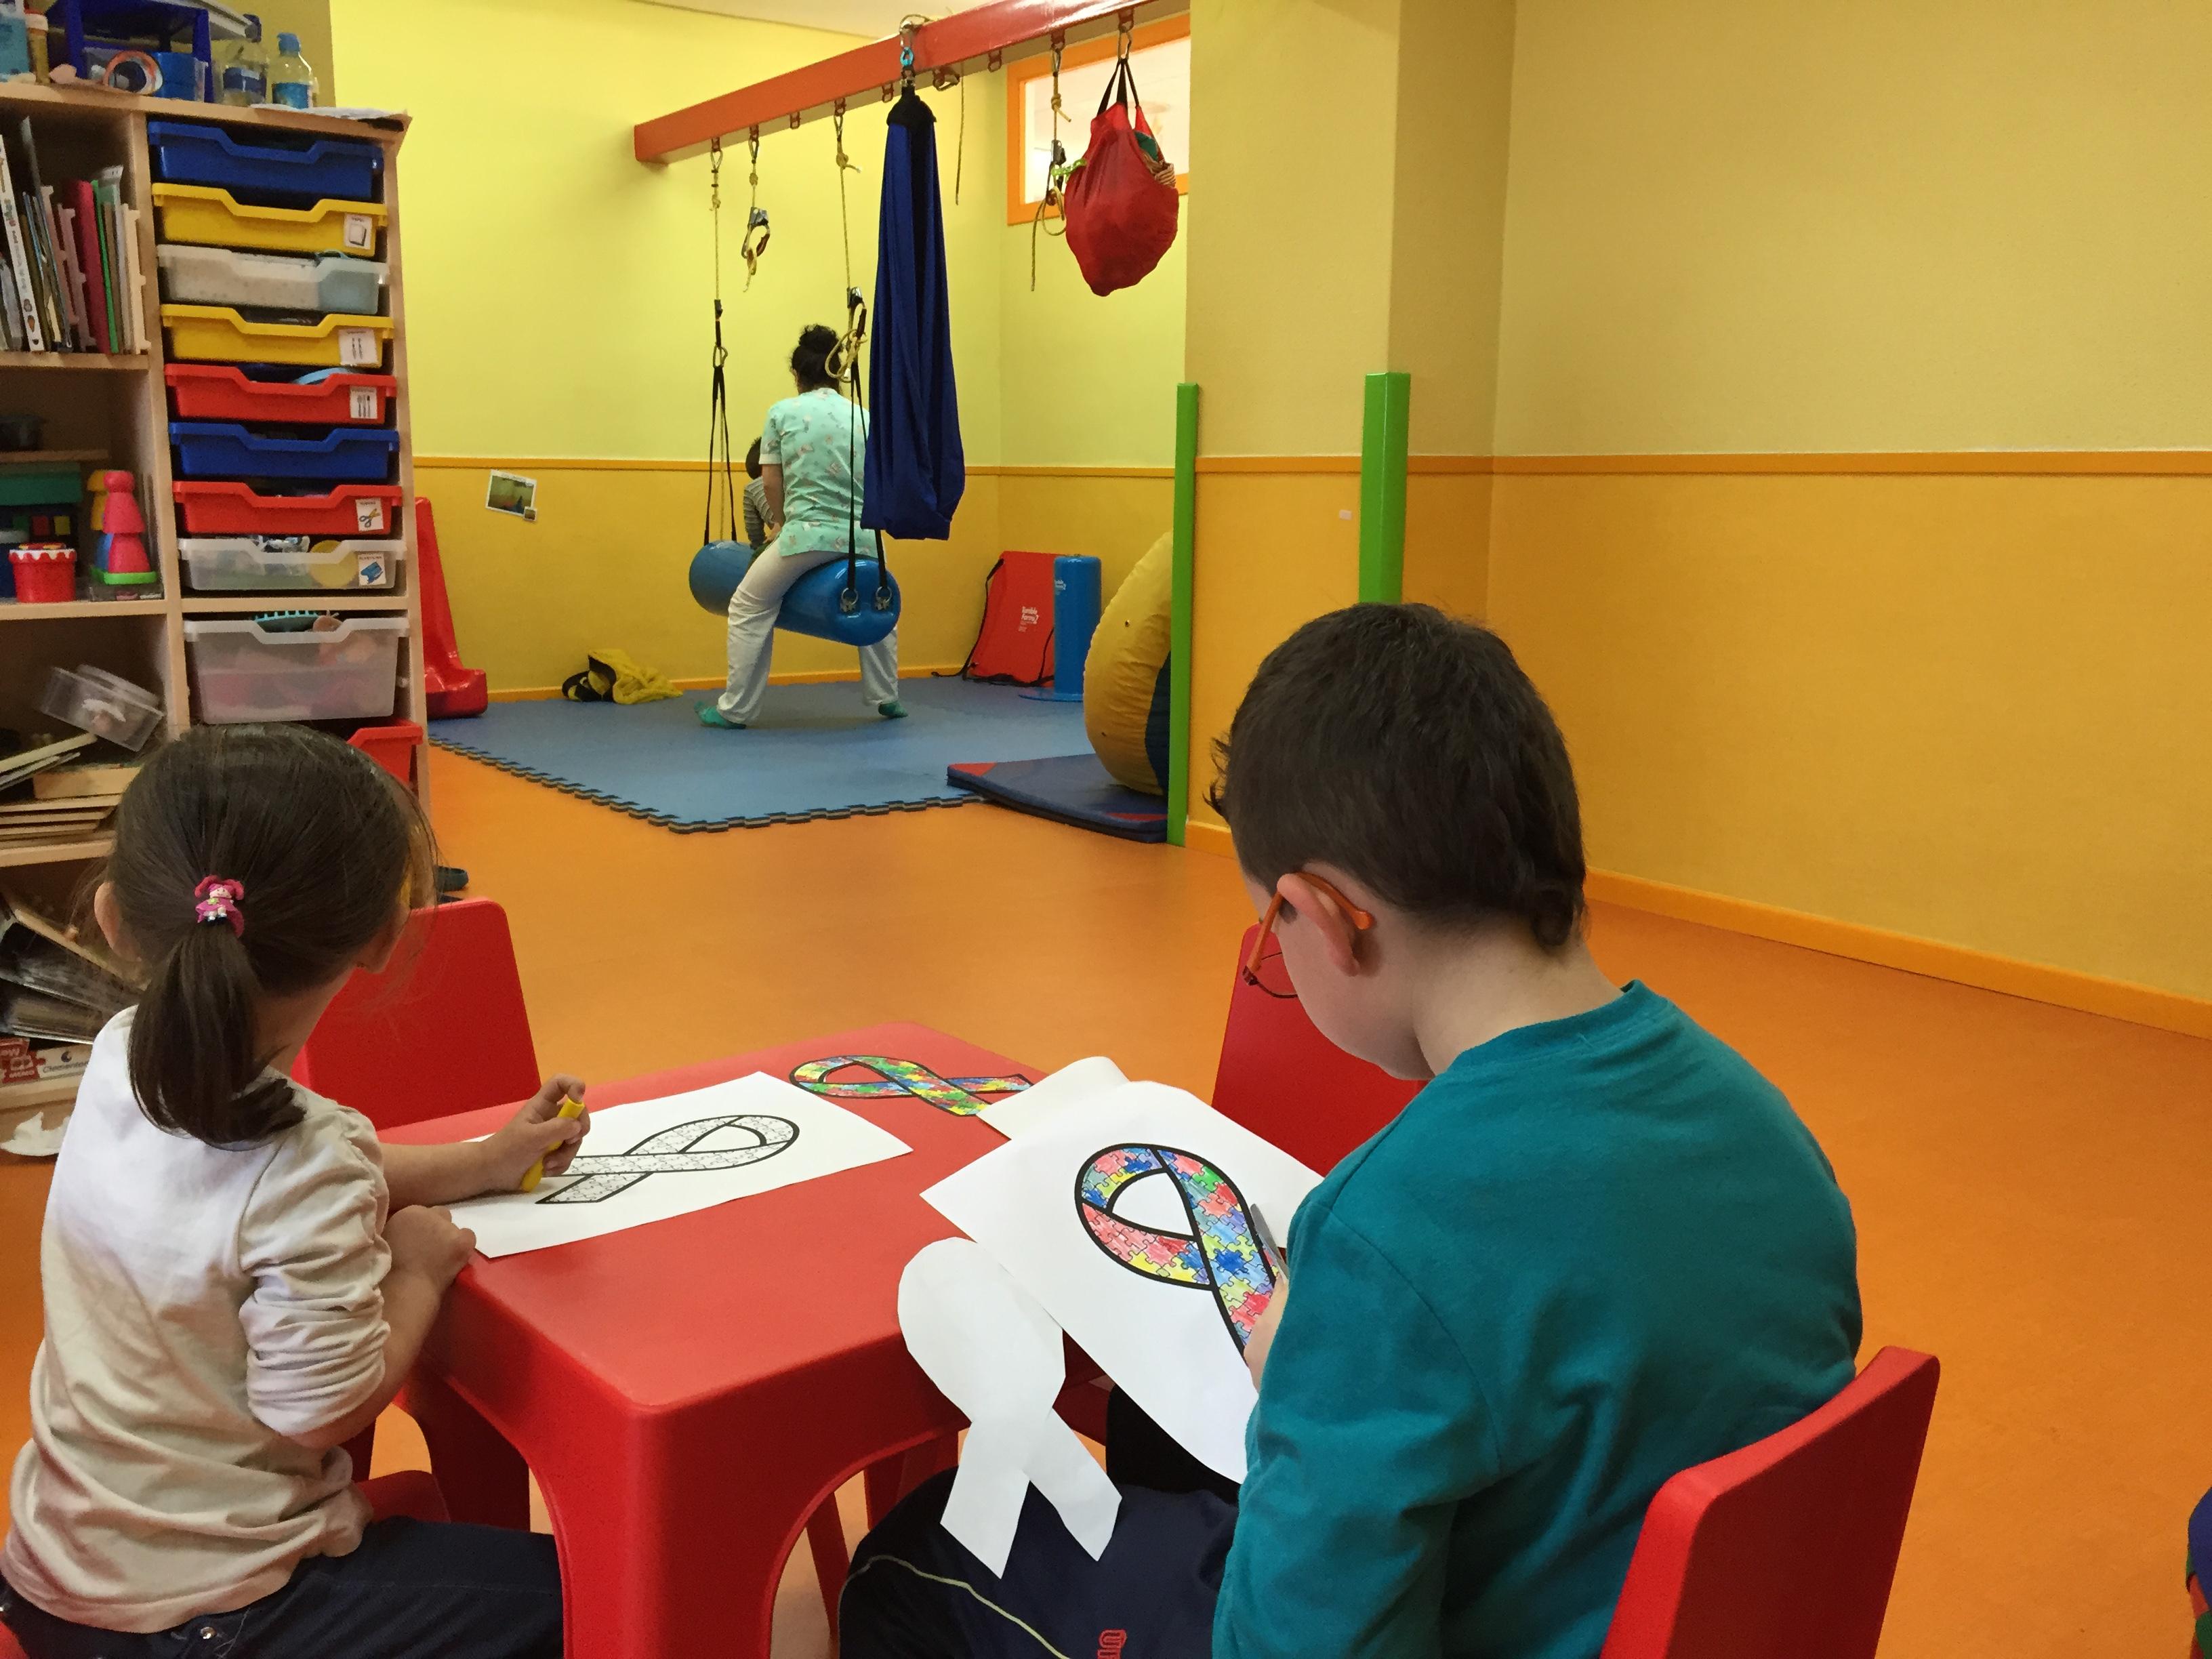 La Unidad de Neurorrehabilitación Infantil del Hospital de Manises atiende a 26 jóvenes con daño cerebral.